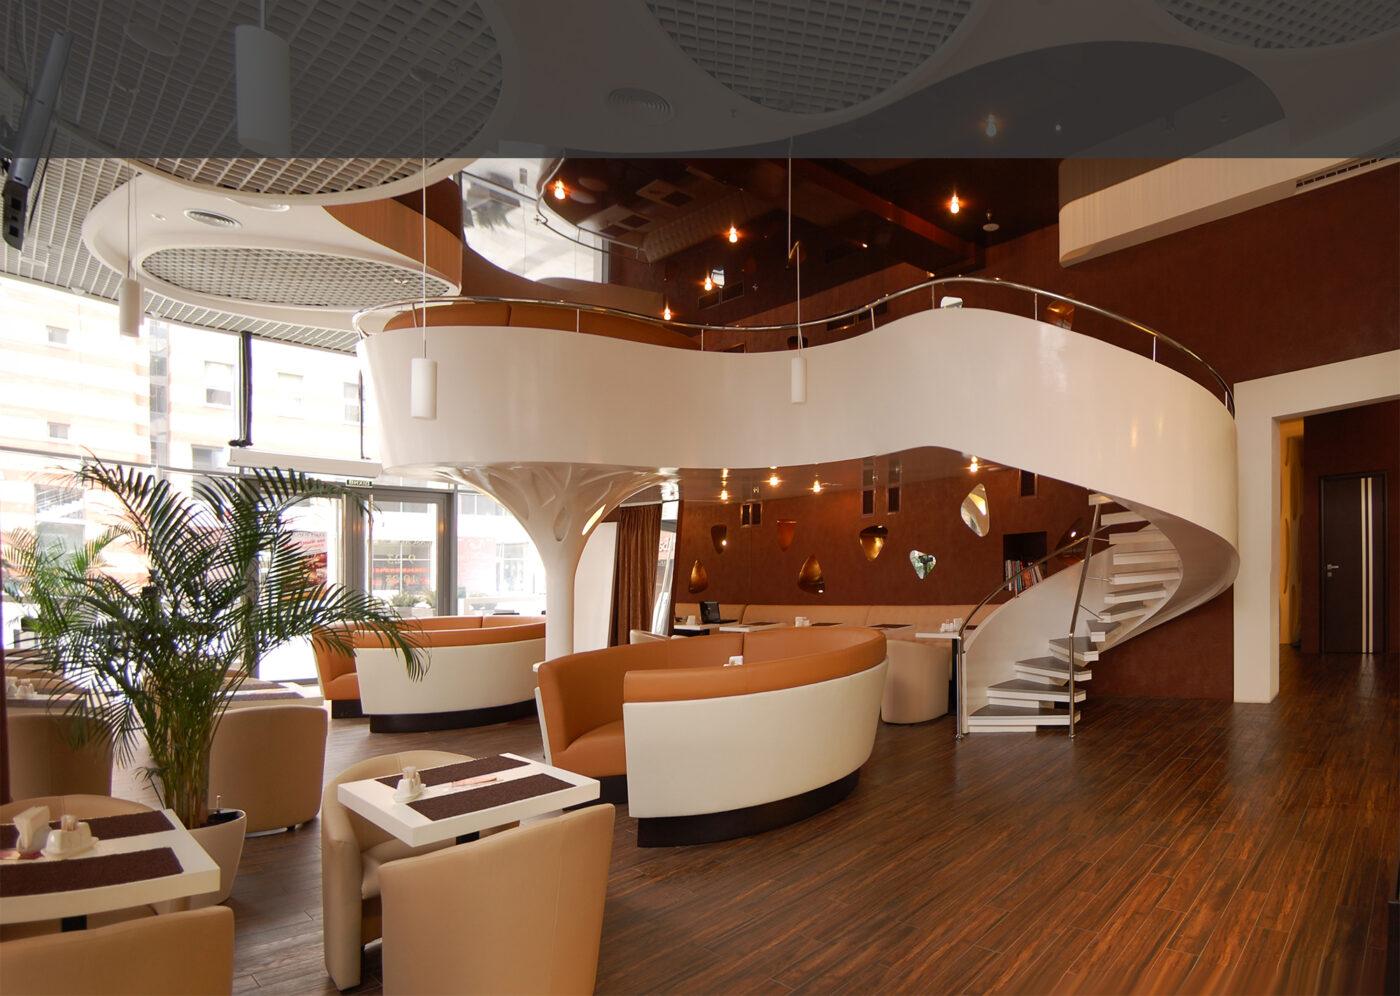 Винтовая лестница, Железобетонная конструкция, Накрывка ступени кафель